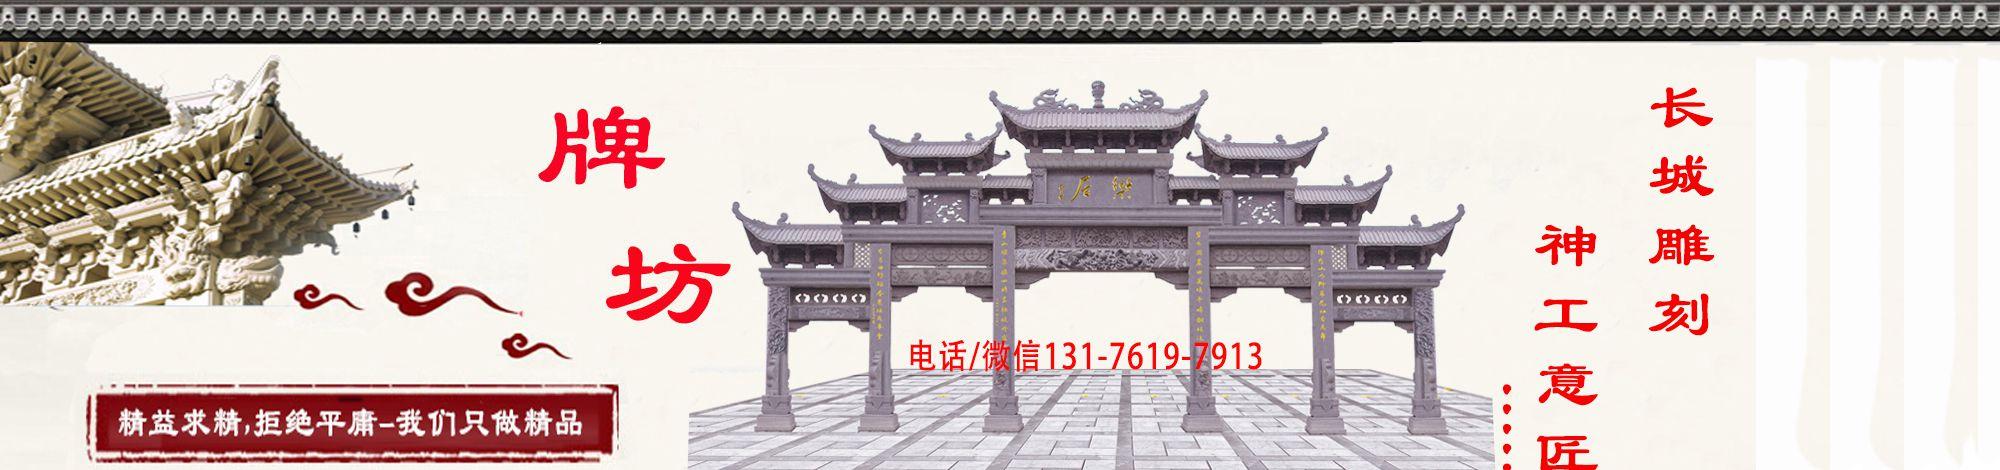 嘉祥县长城石雕厂